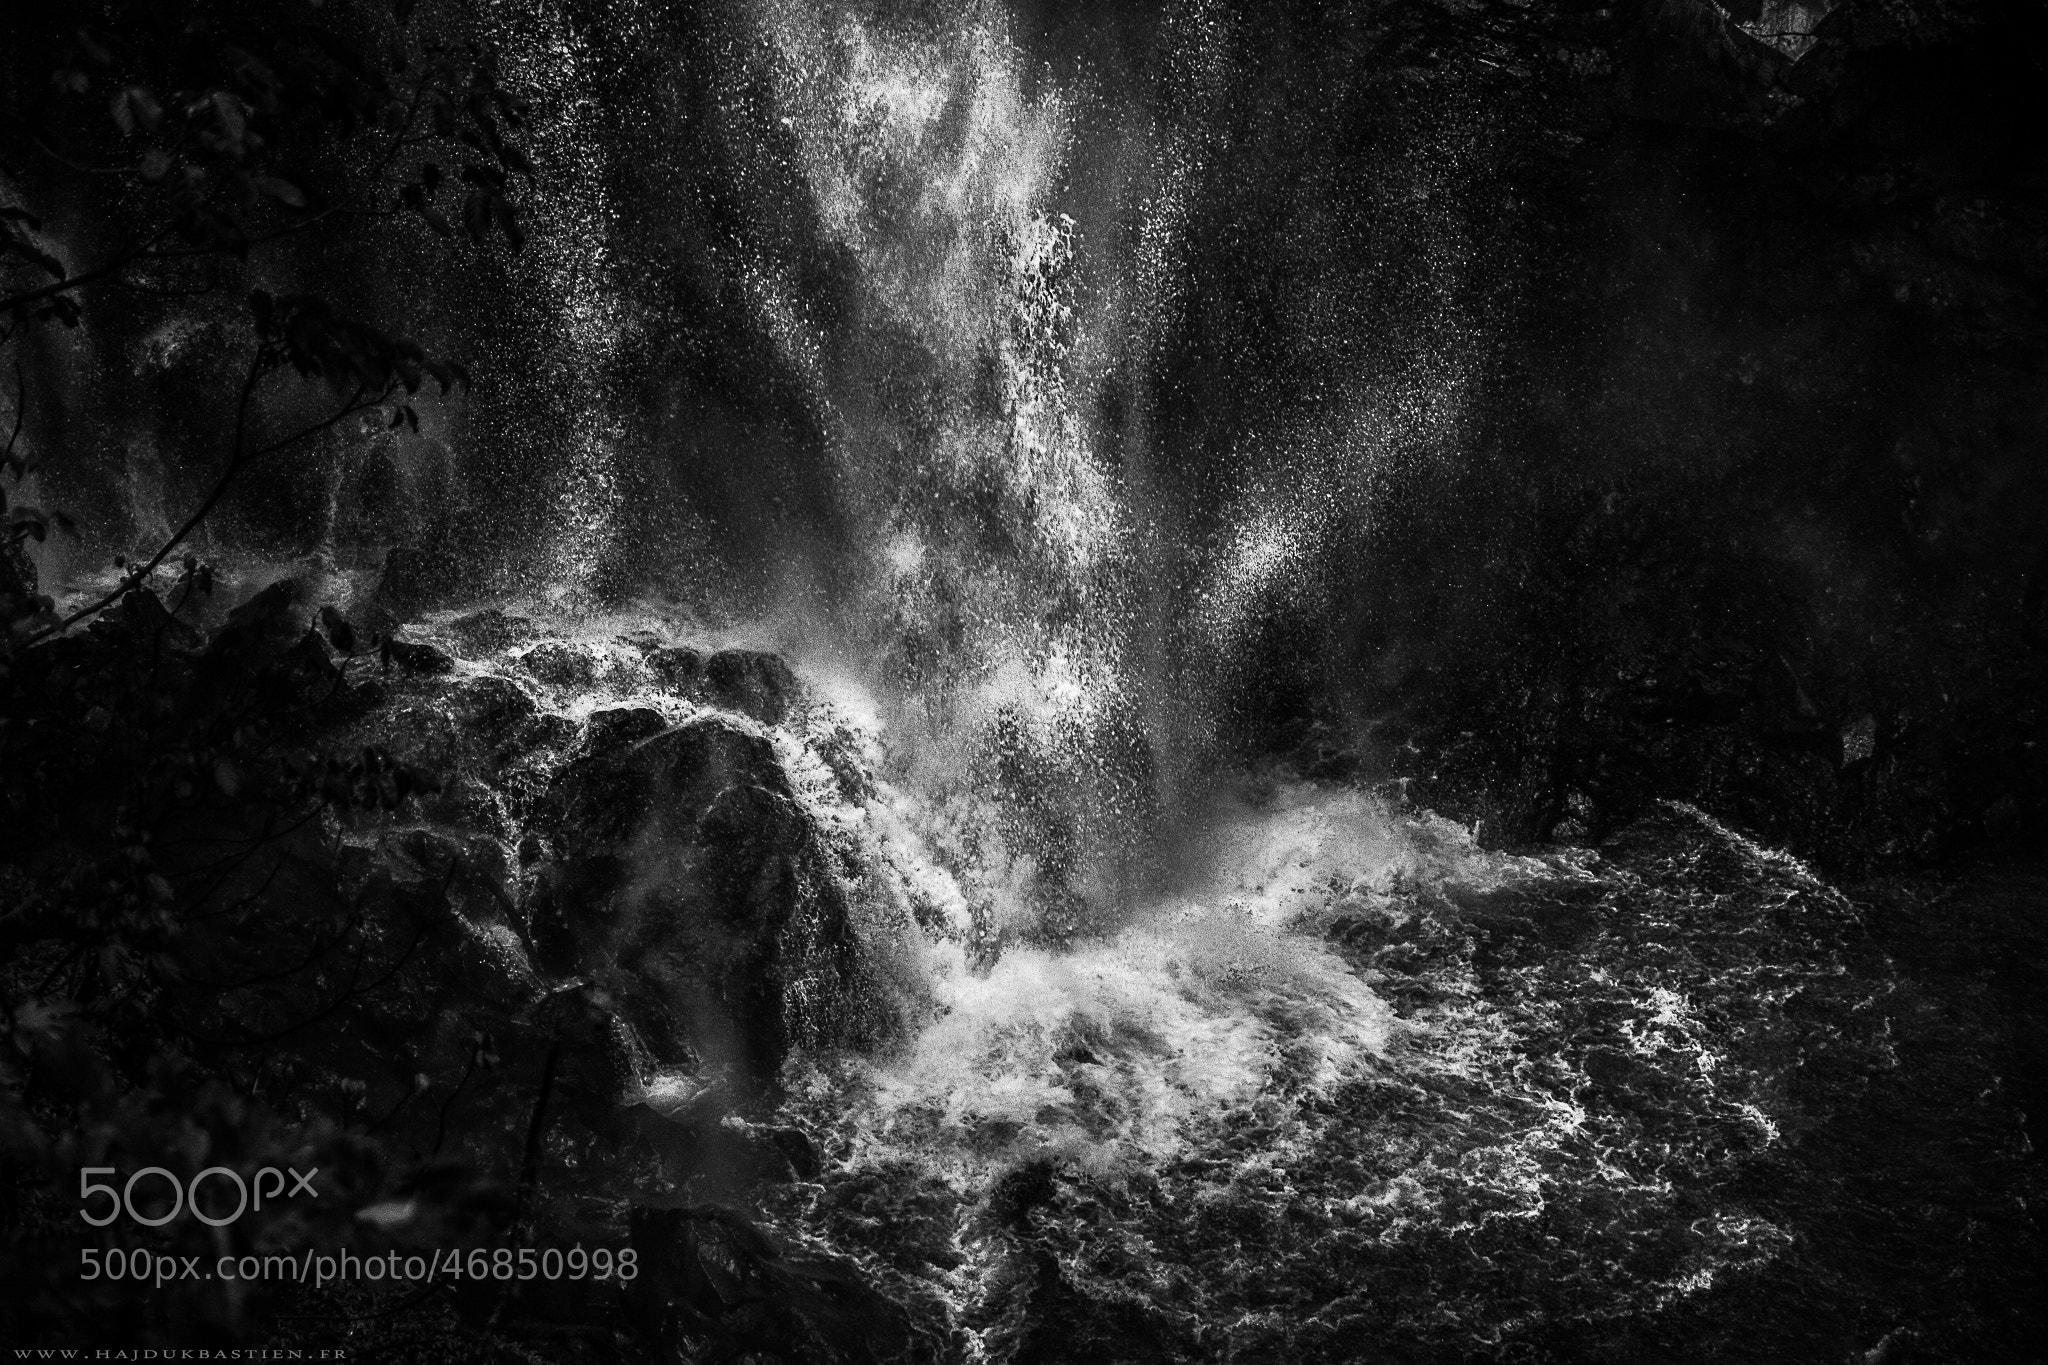 Photograph L'eau qui tombe à pic by Bastien HAJDUK on 500px